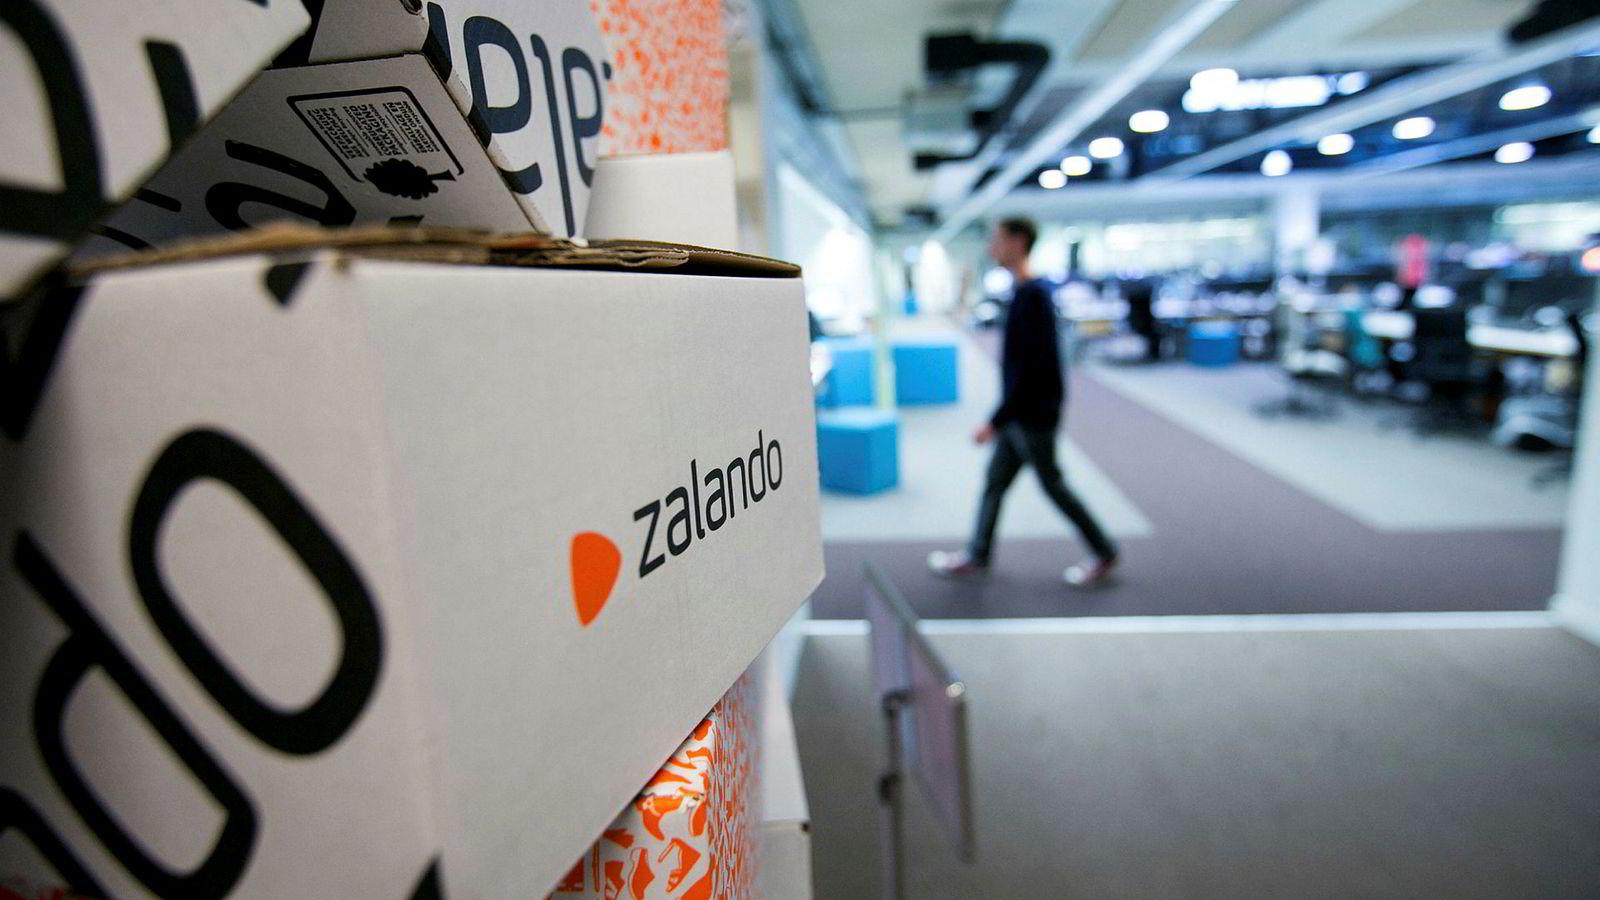 Tyske Zalando har bakt inn alle ekstra kostnader for sine klær og sko – som frakt, retur, moms og tollgebyr- i prisene. Zalando er nå Norges nest største nettbutikk.